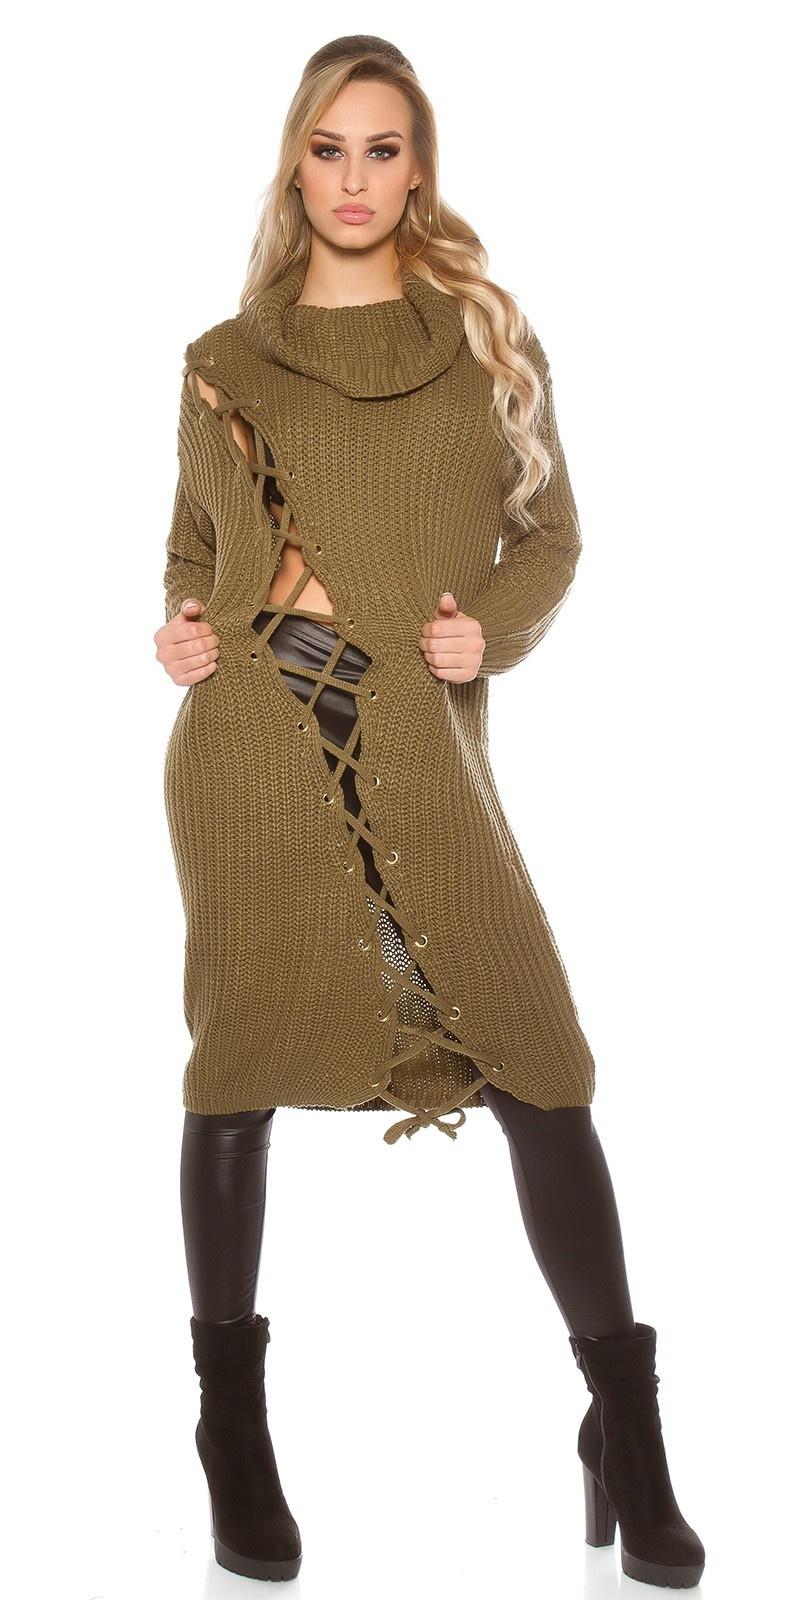 Trendy grof gebreide jurk met xl kraag khaki